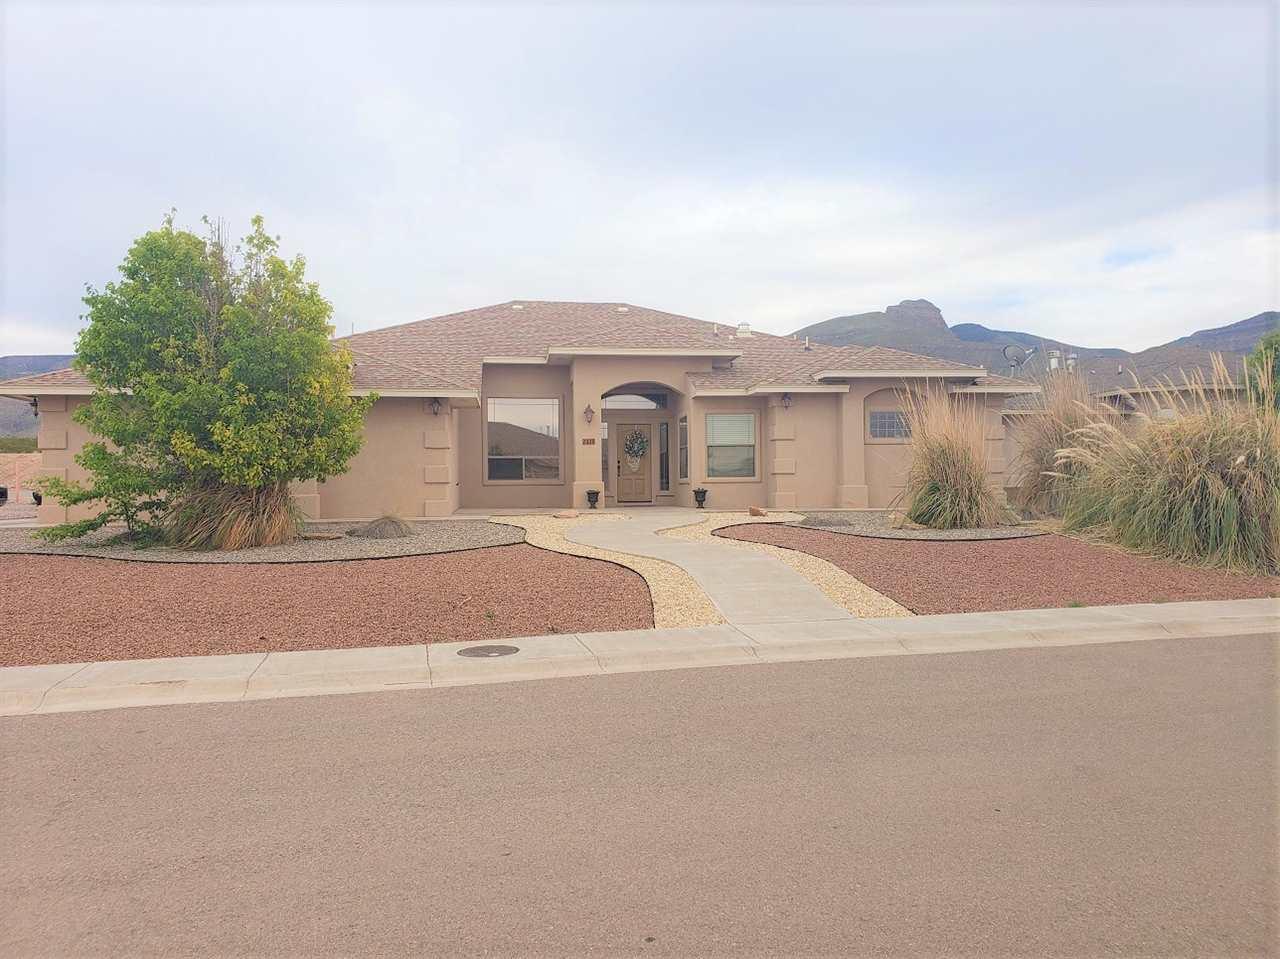 Alamogordo NM Homes For Sale $200,000 - $300,000